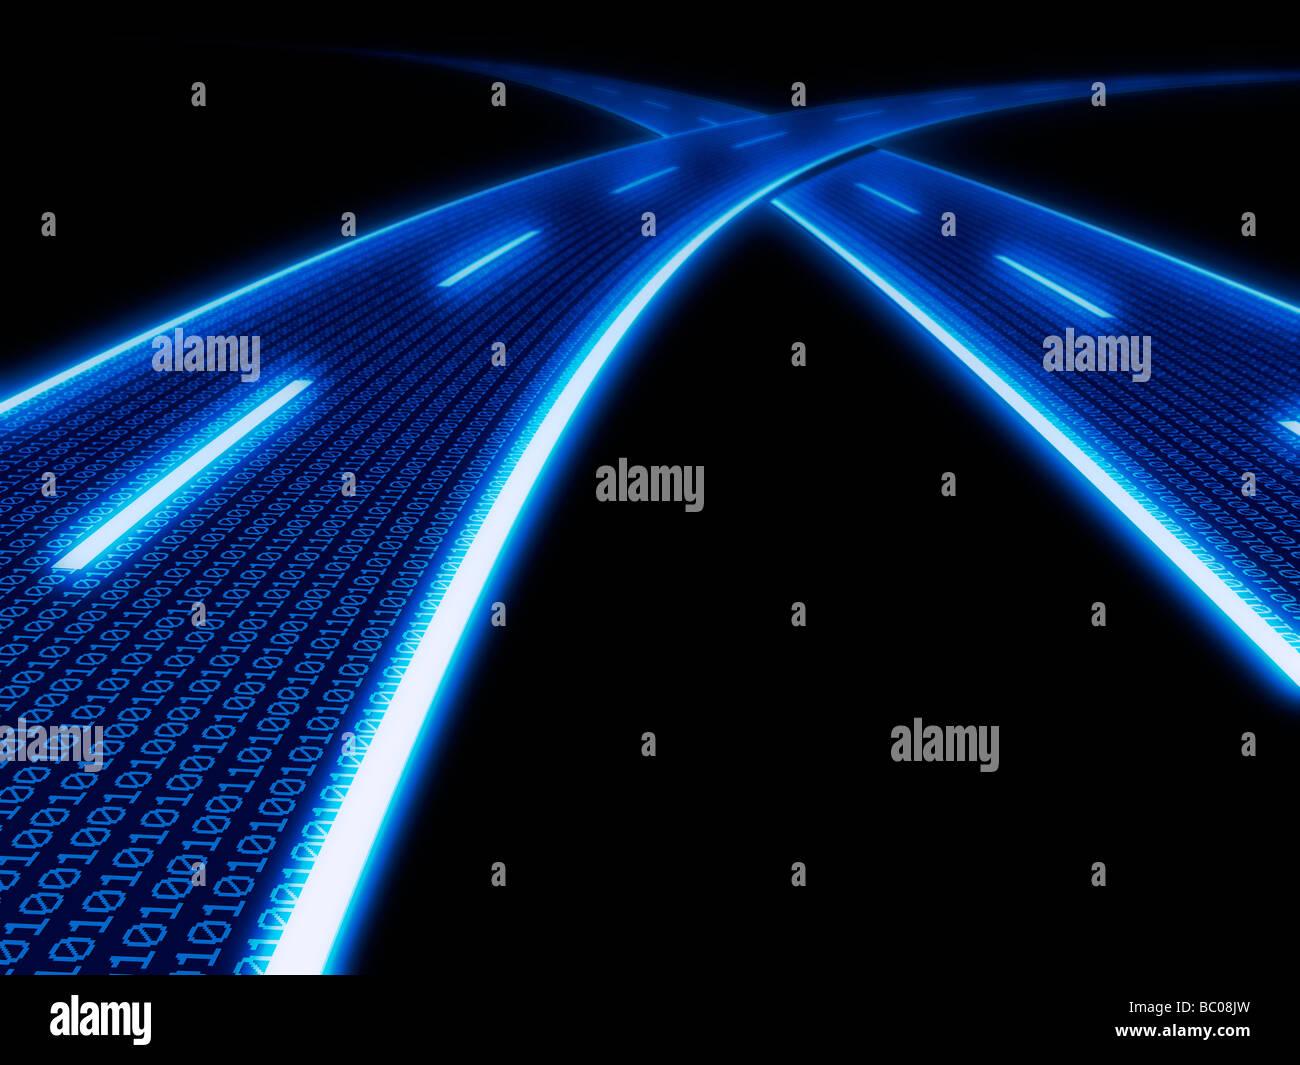 Autoroute de l'information - illustration conceptuelle générée par ordinateur. Photo Stock